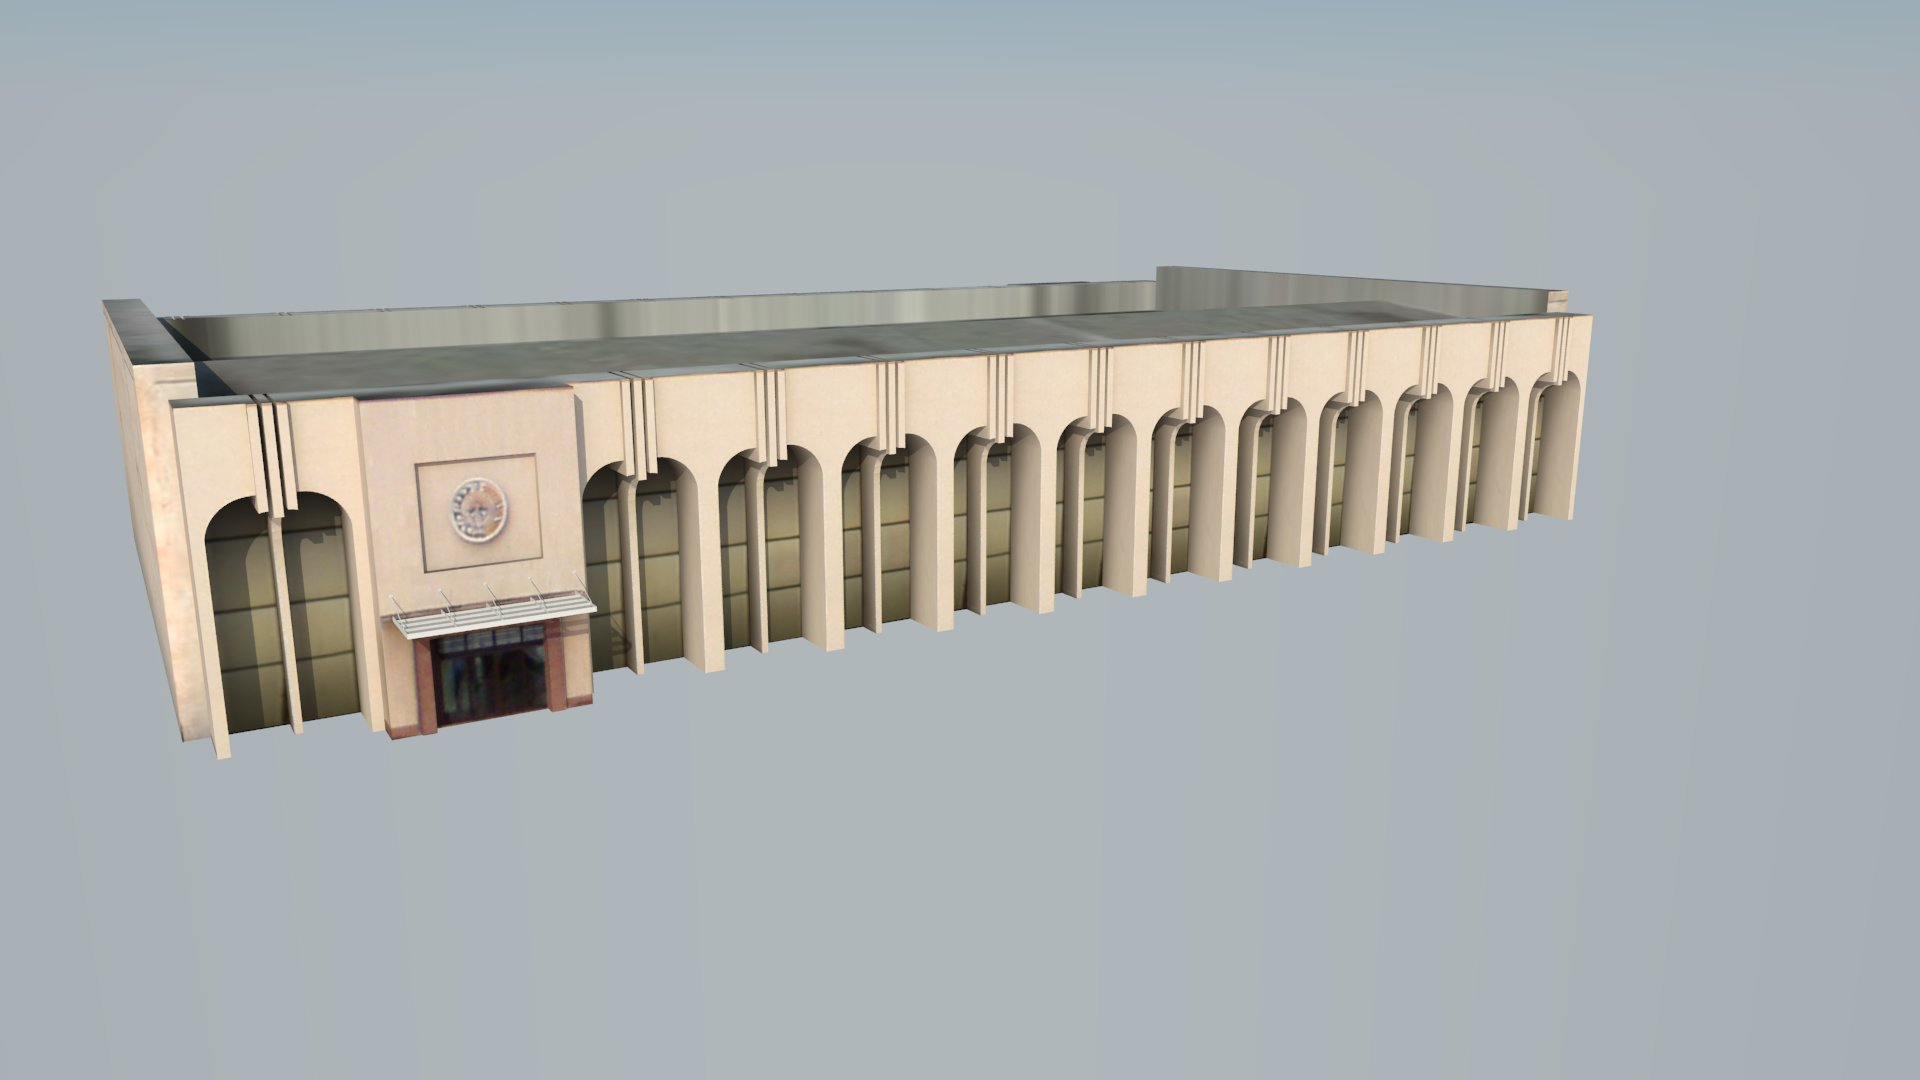 New Tashkent Airport 4.jpg